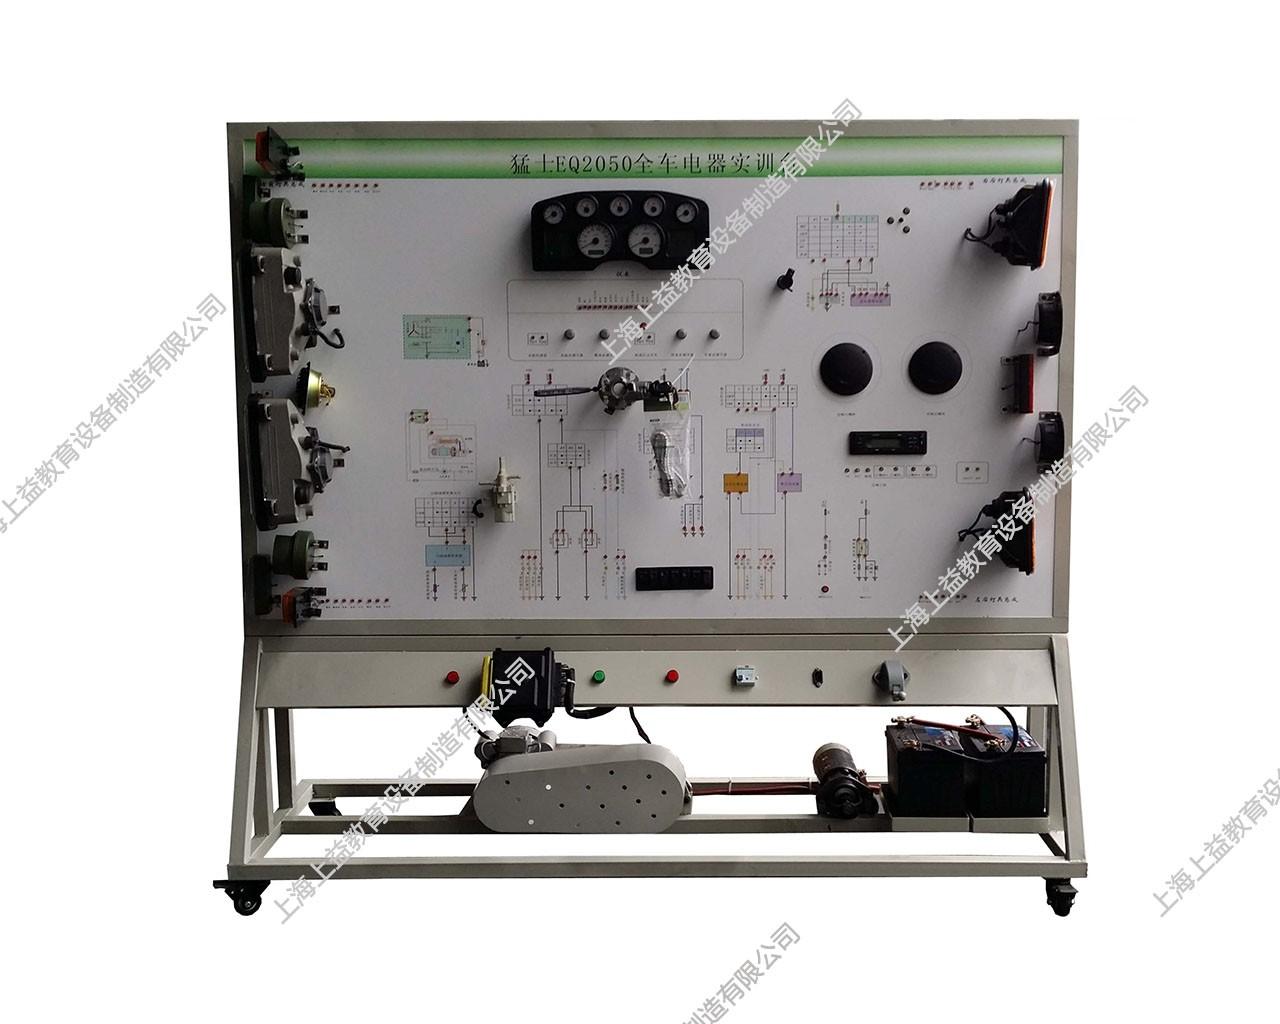 猛士EQ2050全车电器wwwlehu8vip台